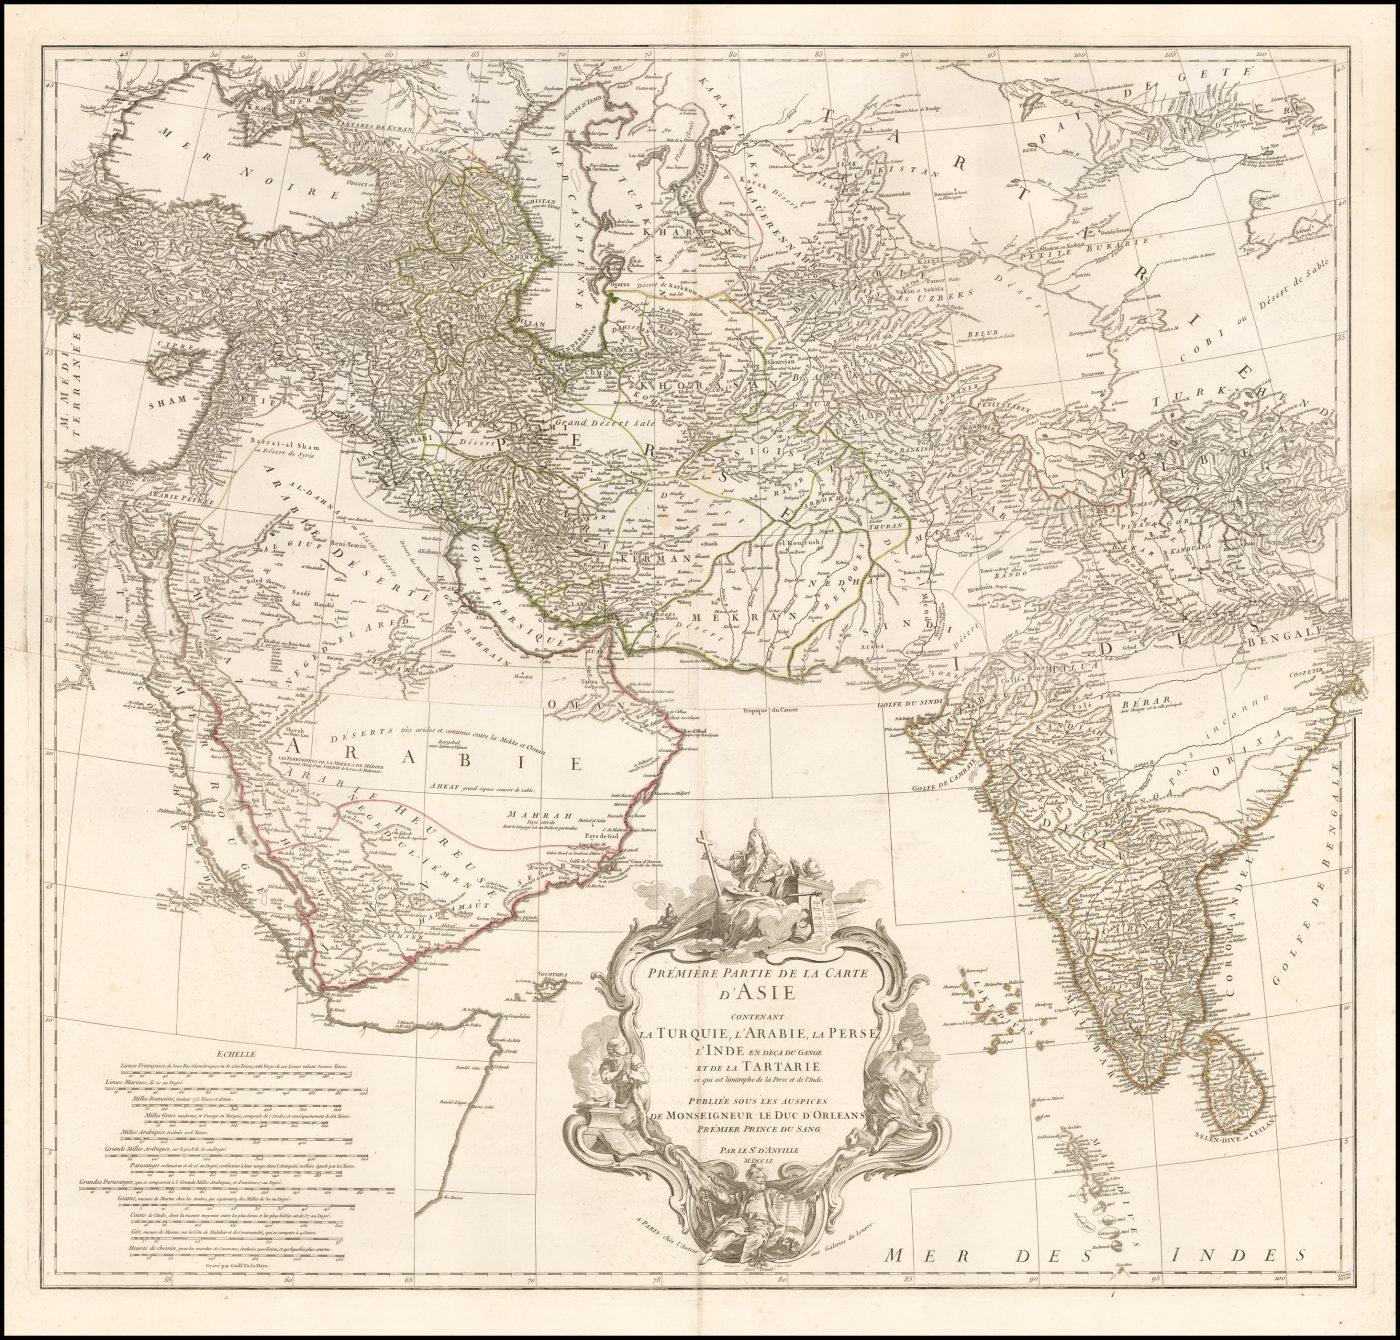 Поразительная 2-х листовая карта западной половины Азии, изданная Д'Анвилем